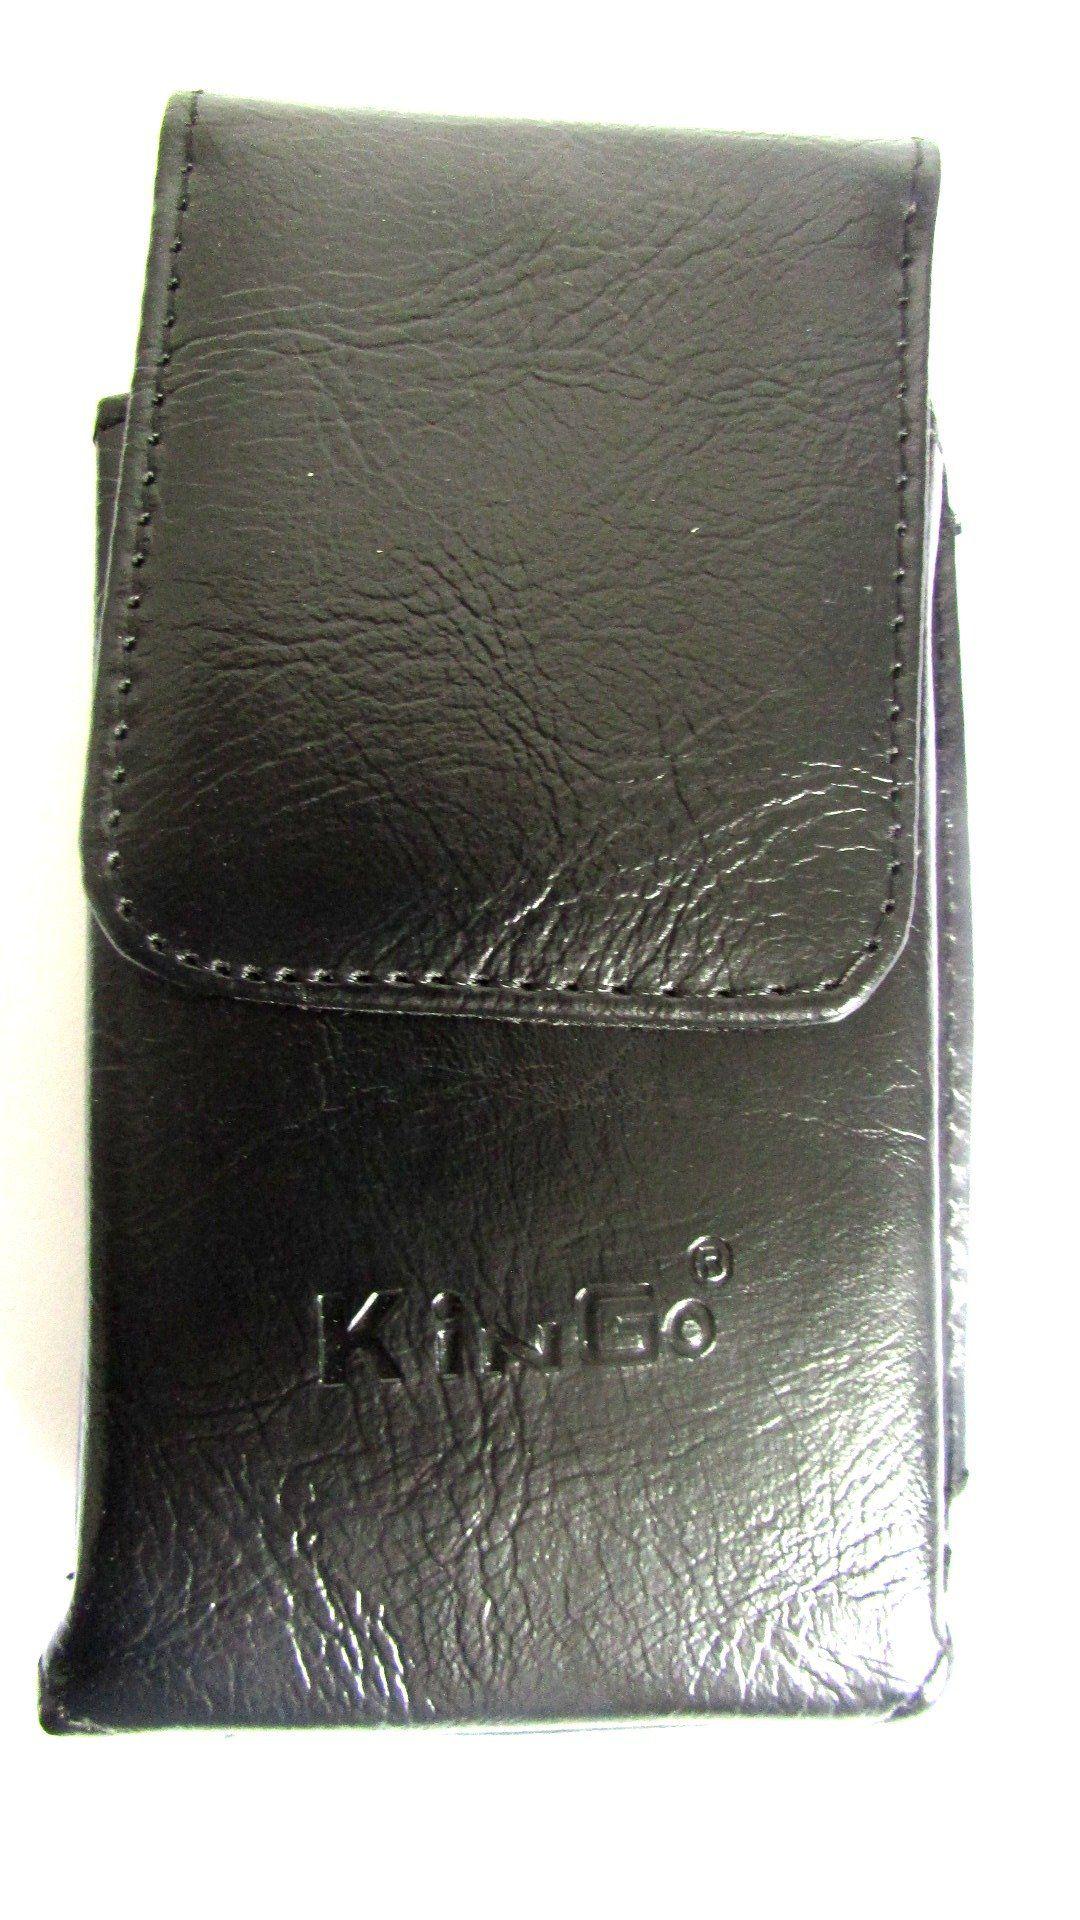 Capa Protetora de cintura P/ Celular KV03/i9100 (6cm x 12cm)